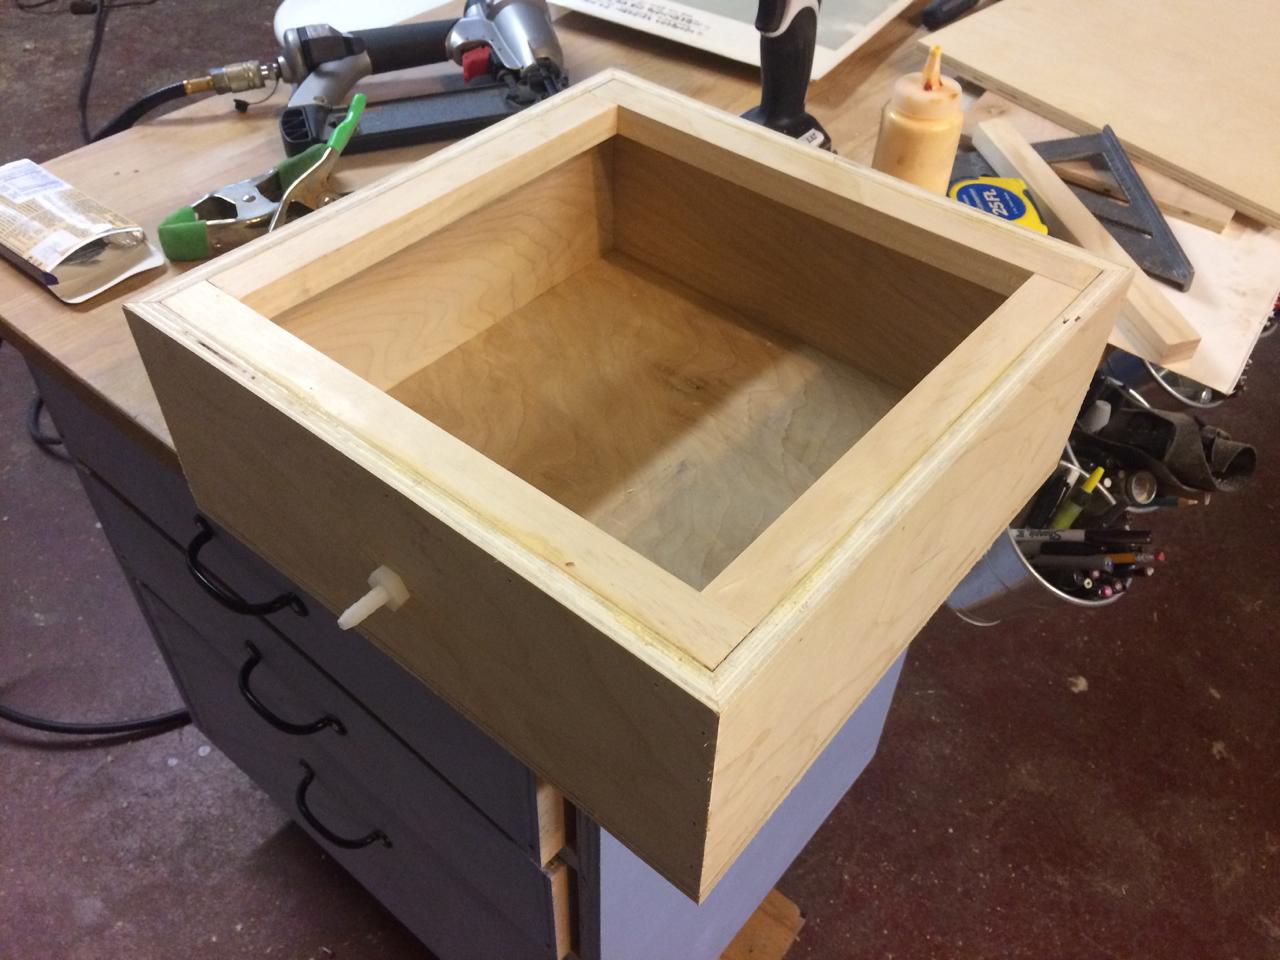 Air box for bellows